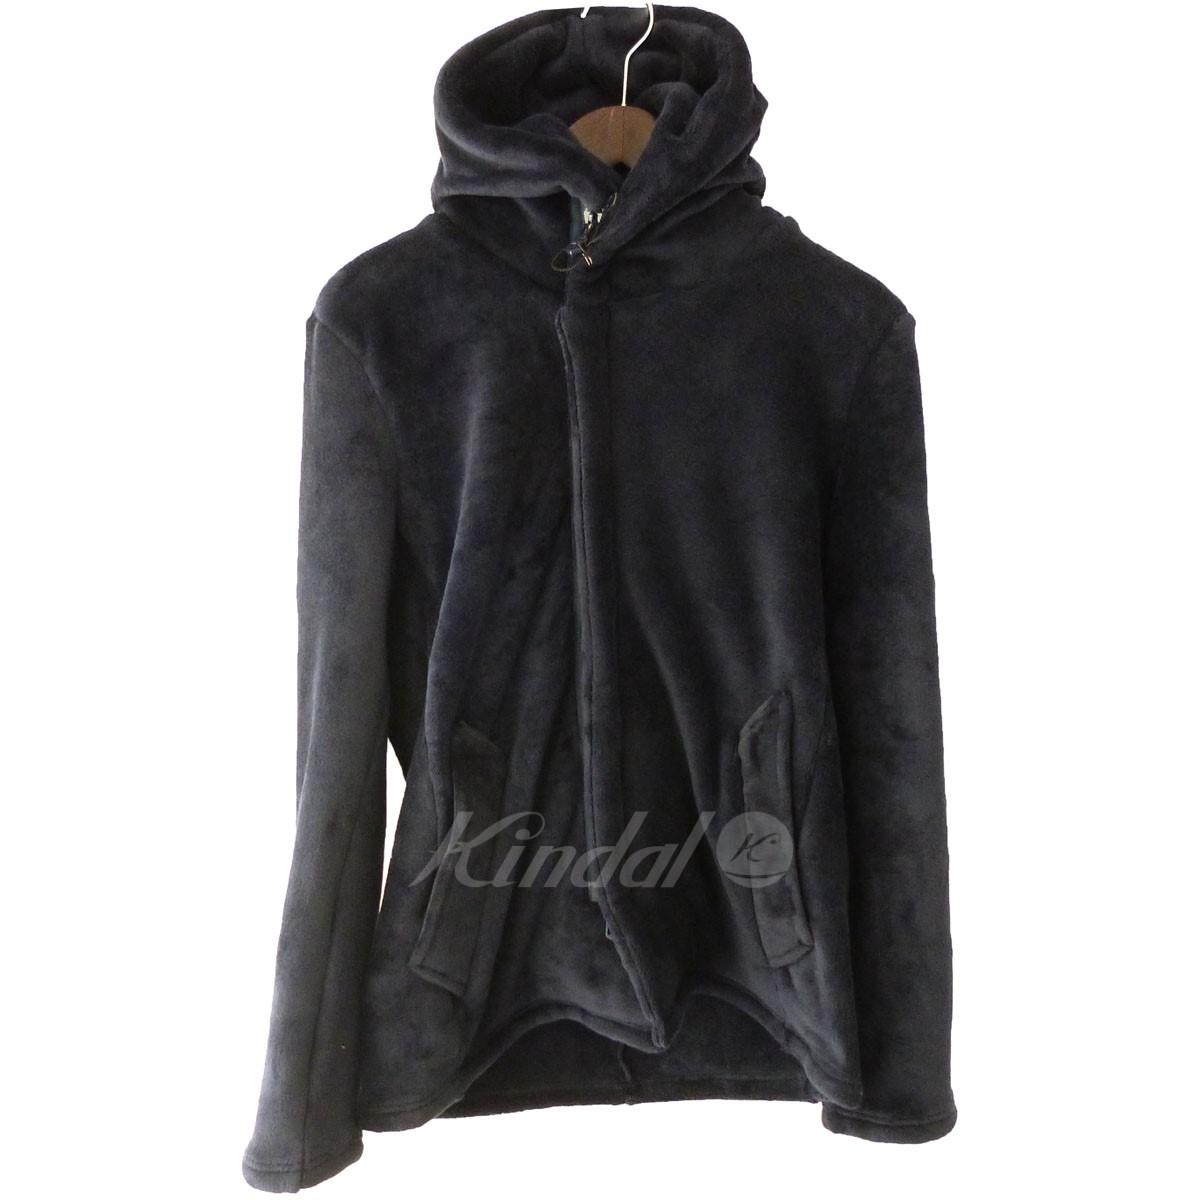 【中古】1piu1uguale3 フーデッドジャケット ネイビー サイズ:4 【送料無料】 【231018】(ウノピュウノウグァーレトレ)